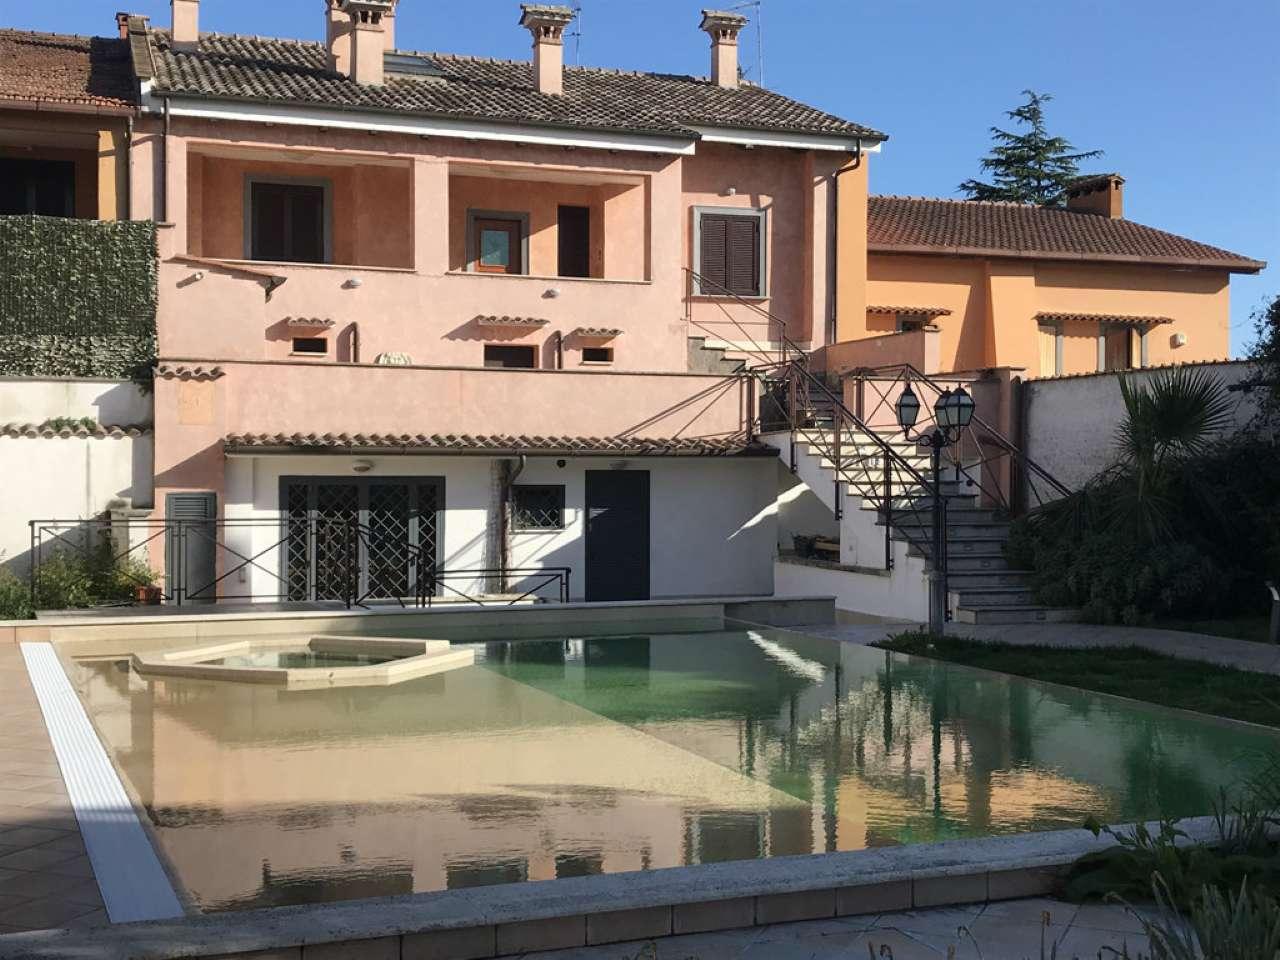 Villa in vendita a Roma, 6 locali, zona Zona: 40 . Piana del Sole, Casal Lumbroso, Malagrotta, Ponte Galeria, prezzo € 980.000 | CambioCasa.it